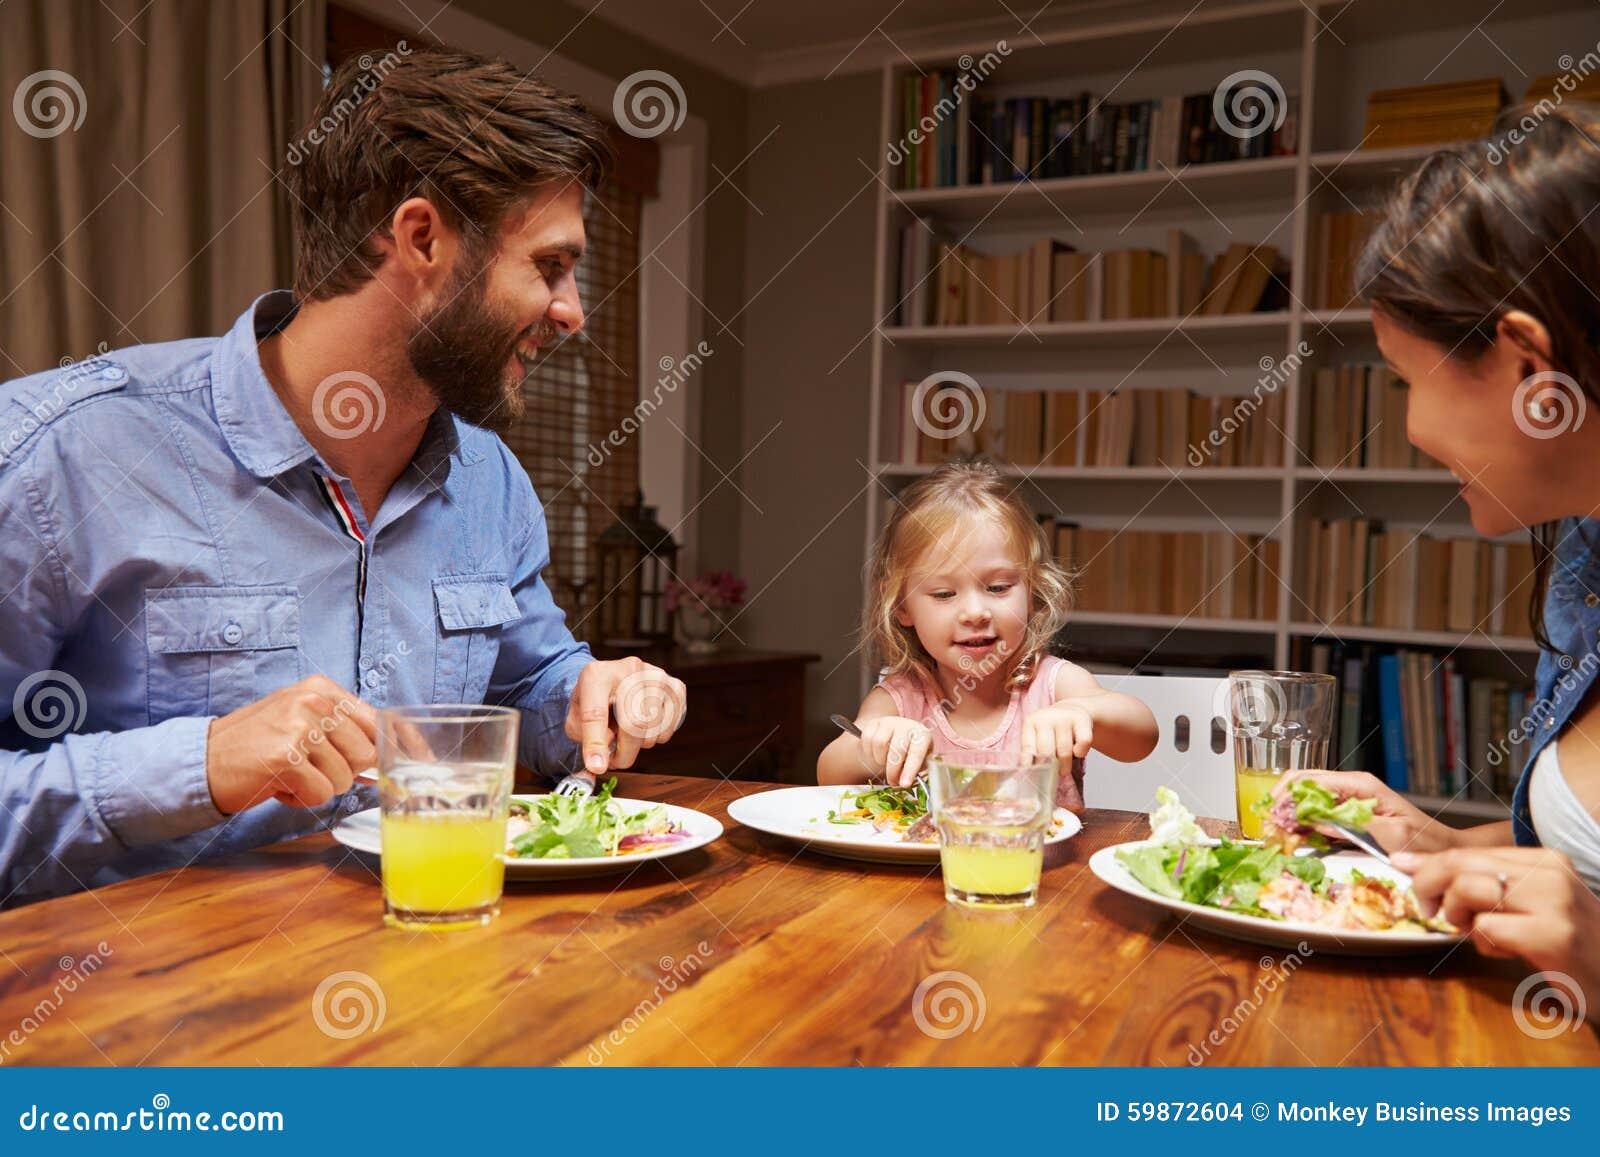 Asiatische Familie, Die Zu Abend Isst Und Chinesisches